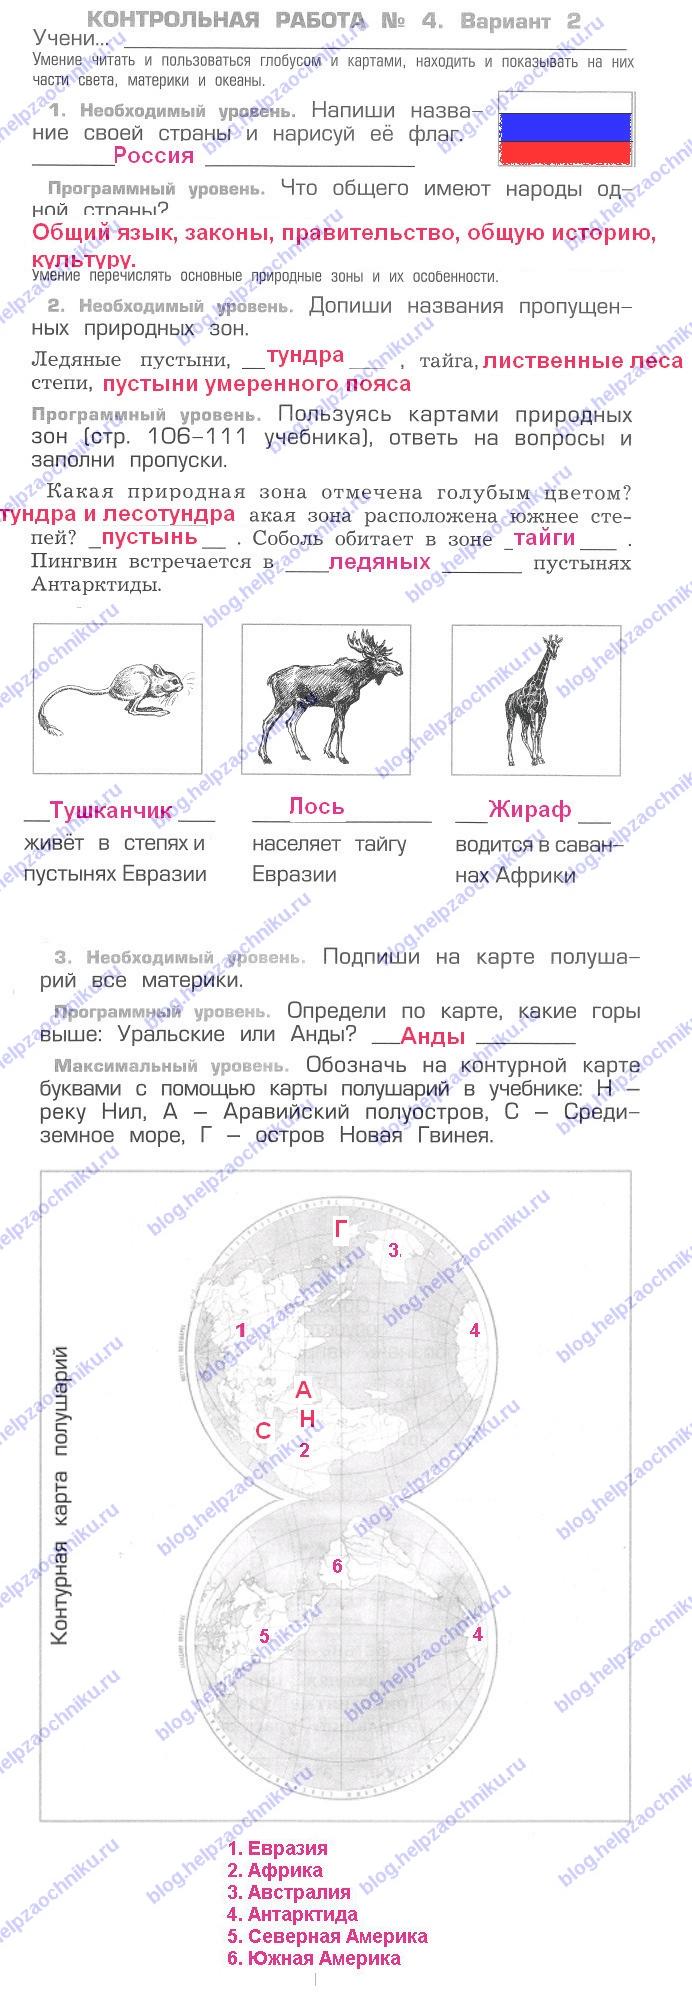 Ирина антонова читать всю книгу хранитель